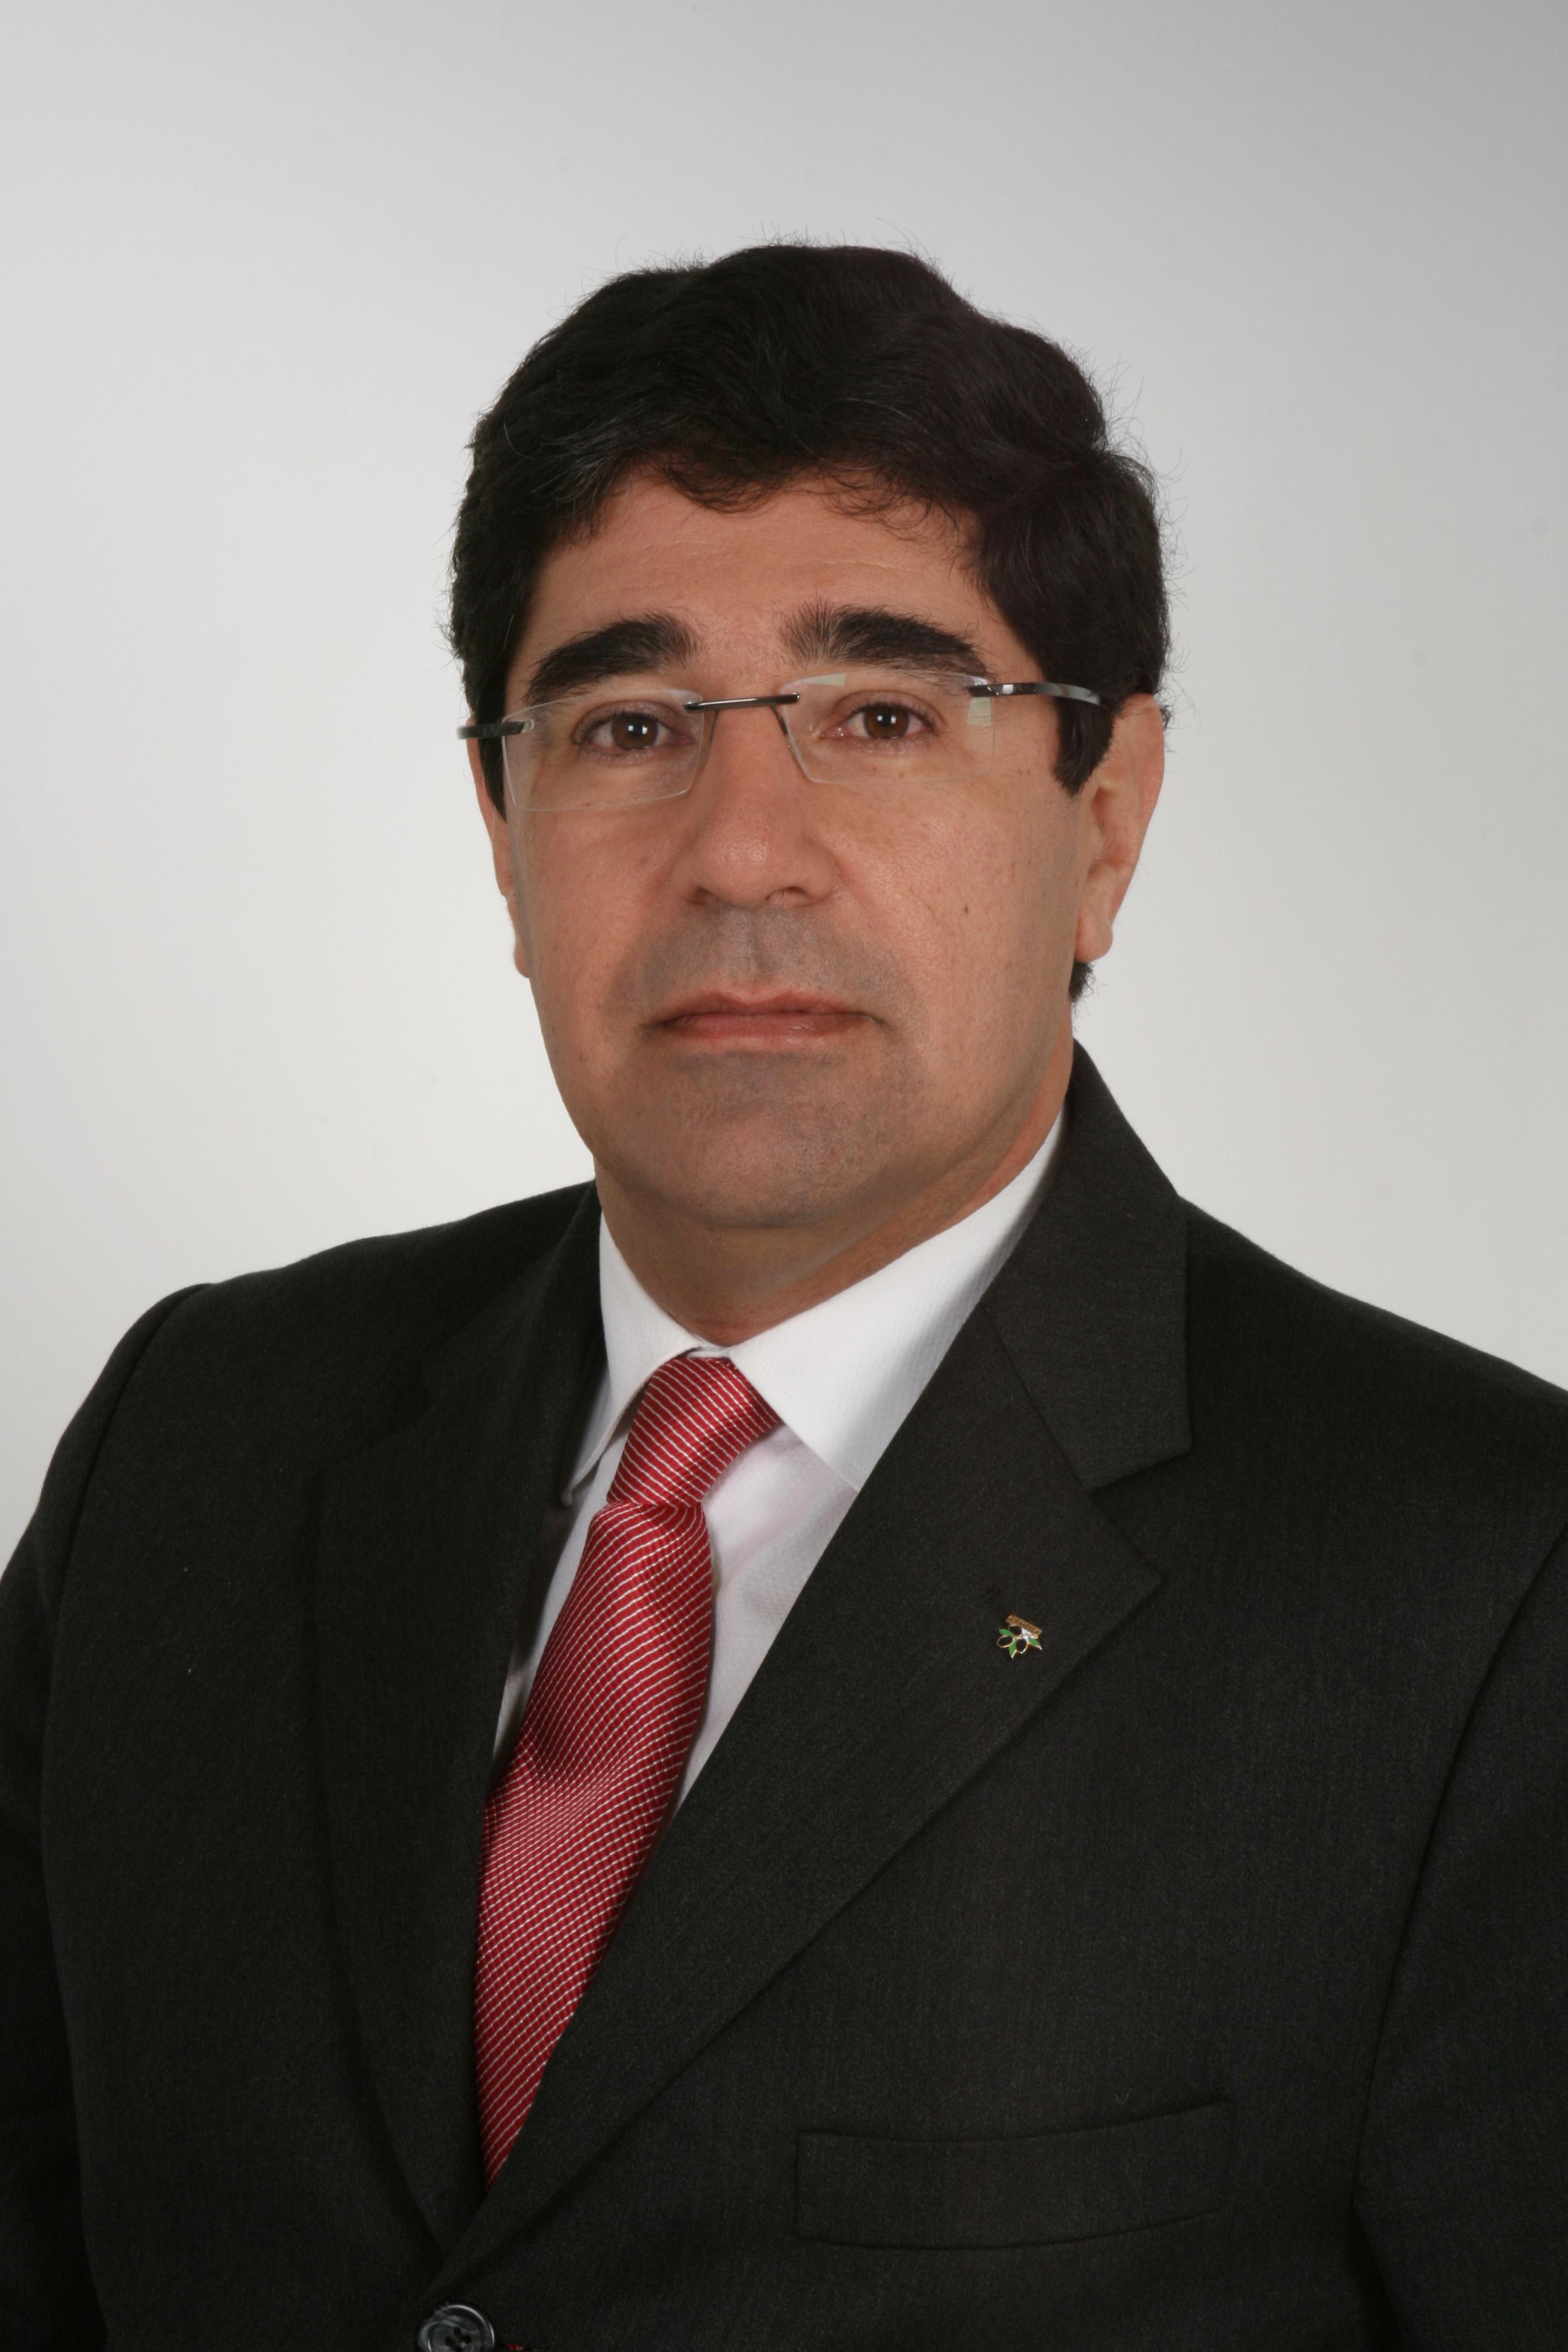 António Almor Branco